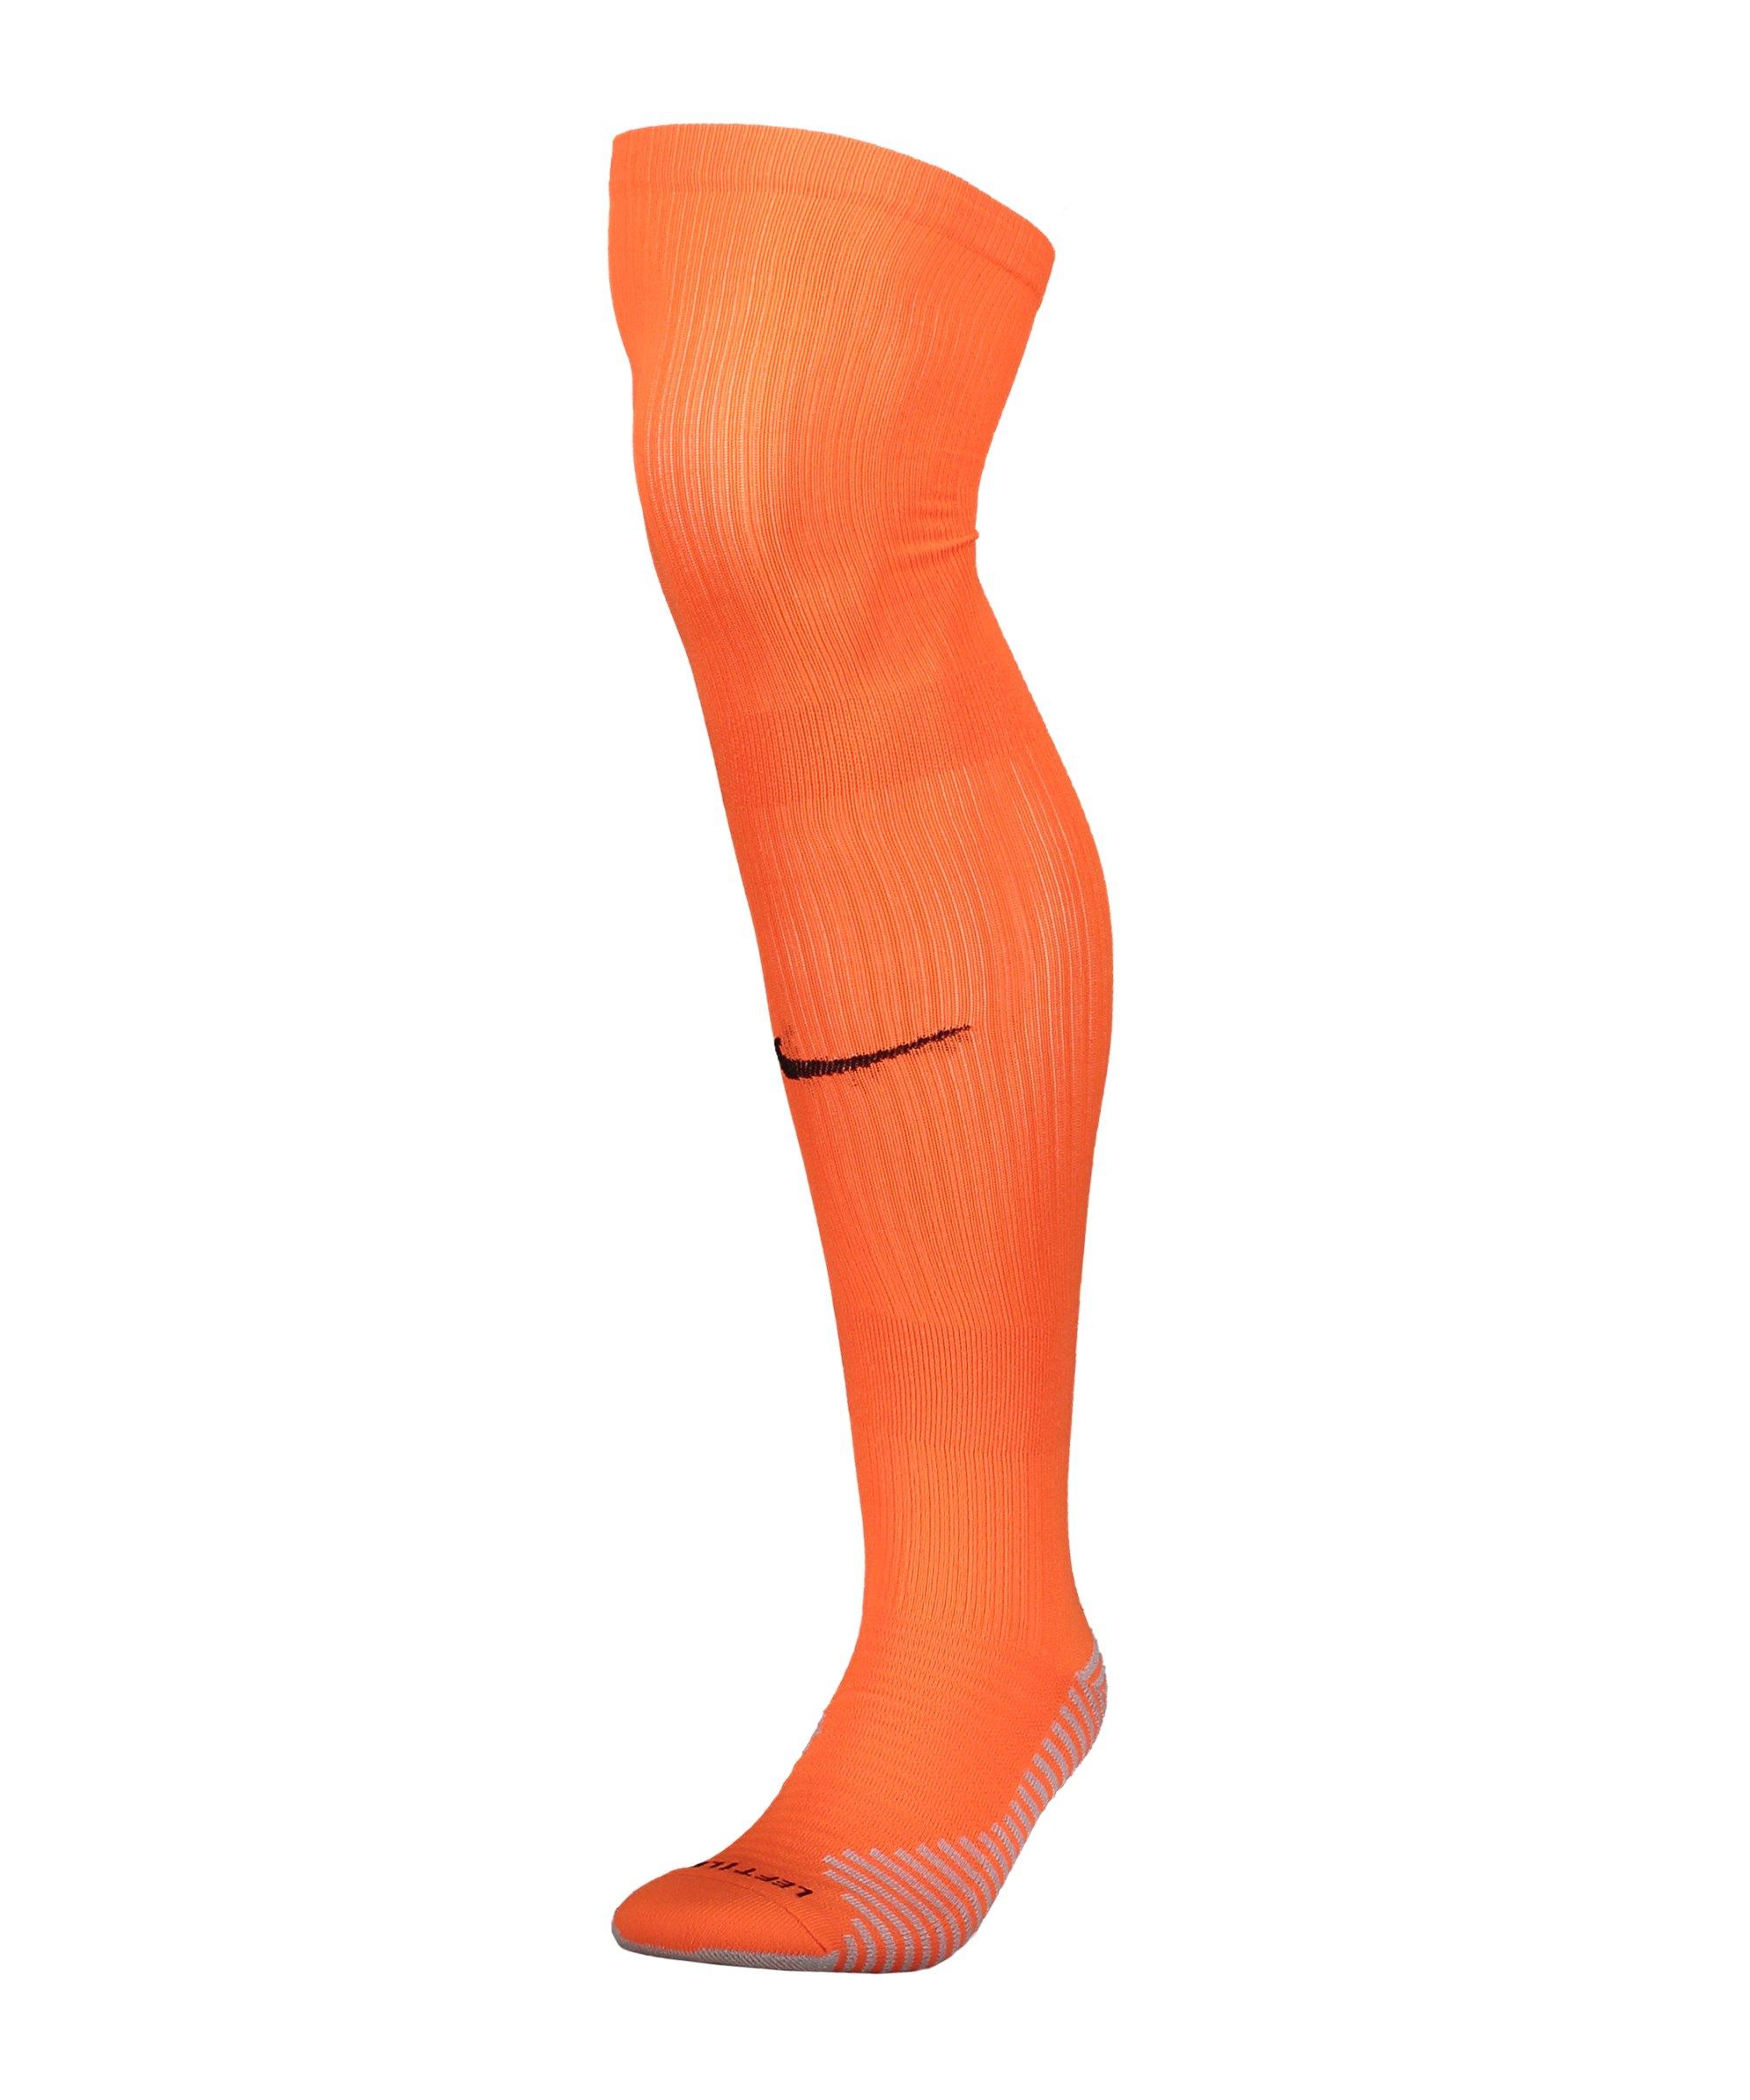 Nike Stadium TW-Strumpfstutzen Orange F837 - orange